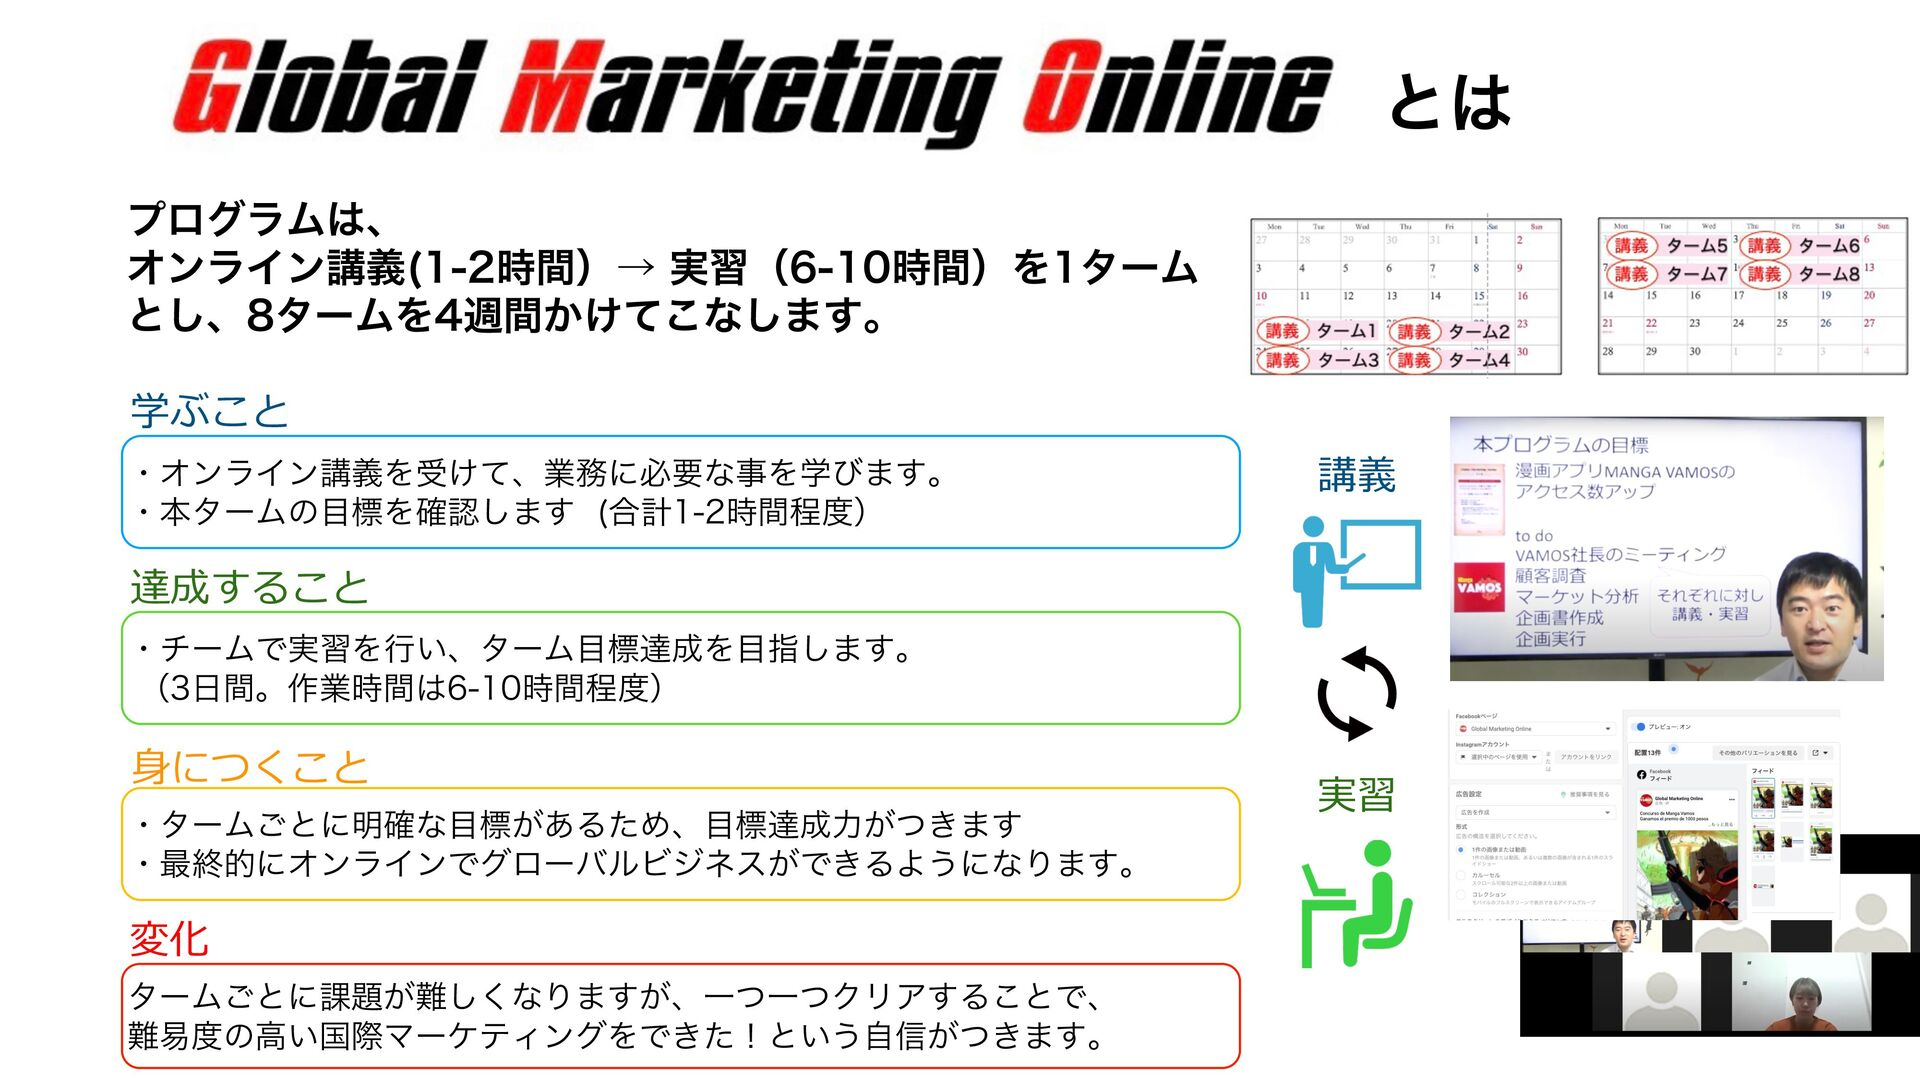 特徴2: マンガをきっかけに、世界とつながる プロモーションのための顧客調査は、 語学学習⽤の...